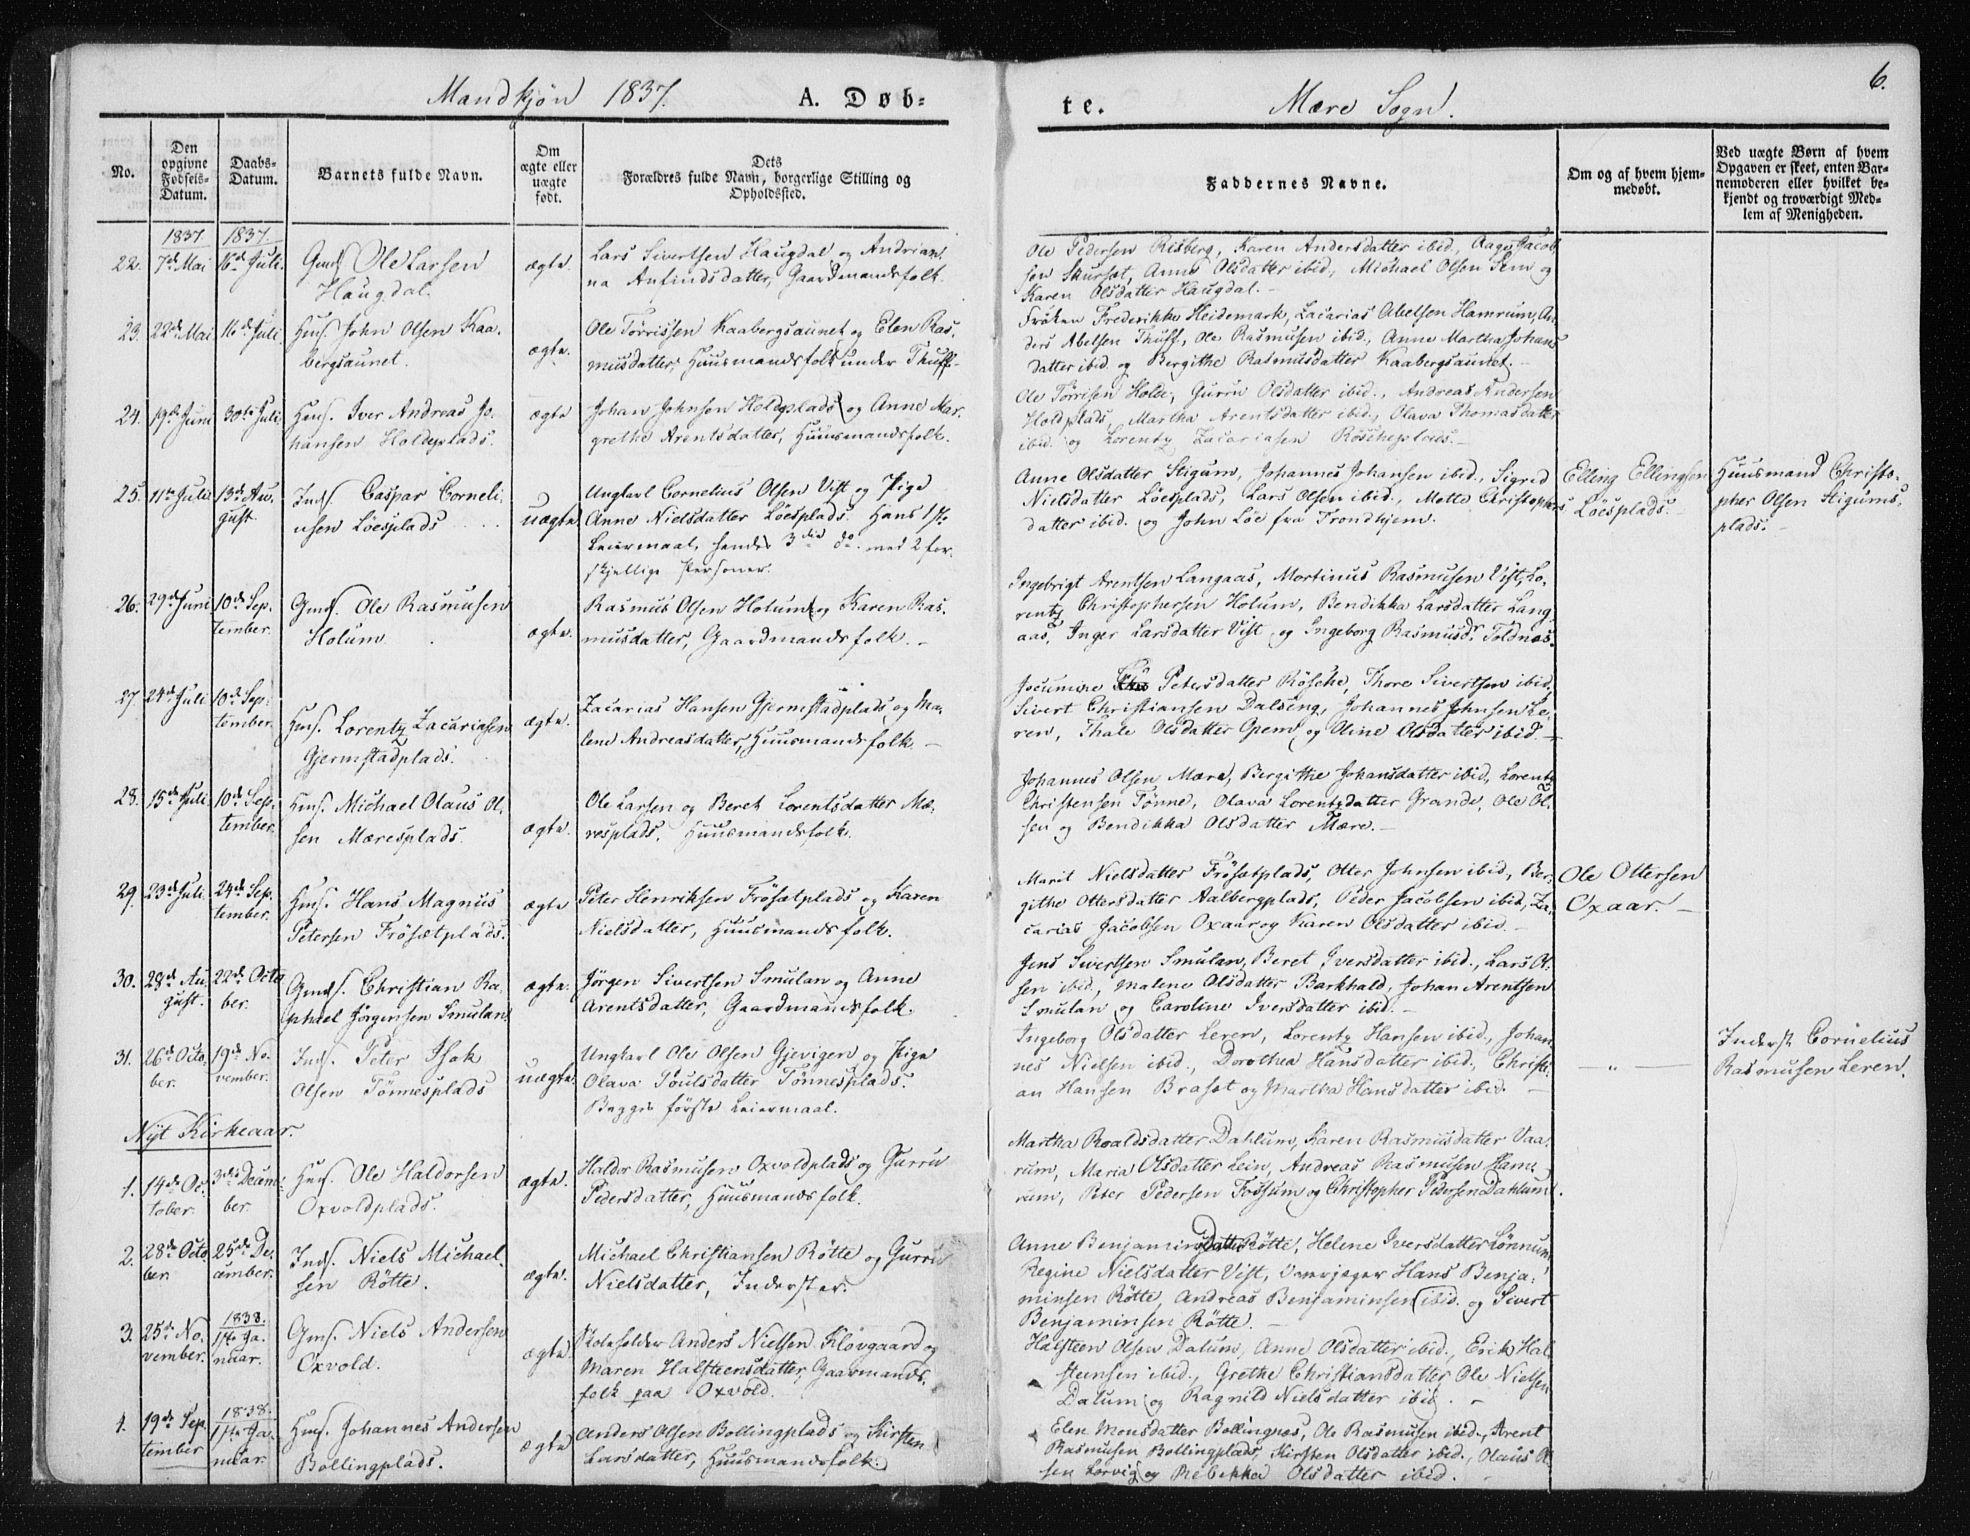 SAT, Ministerialprotokoller, klokkerbøker og fødselsregistre - Nord-Trøndelag, 735/L0339: Ministerialbok nr. 735A06 /1, 1836-1848, s. 6